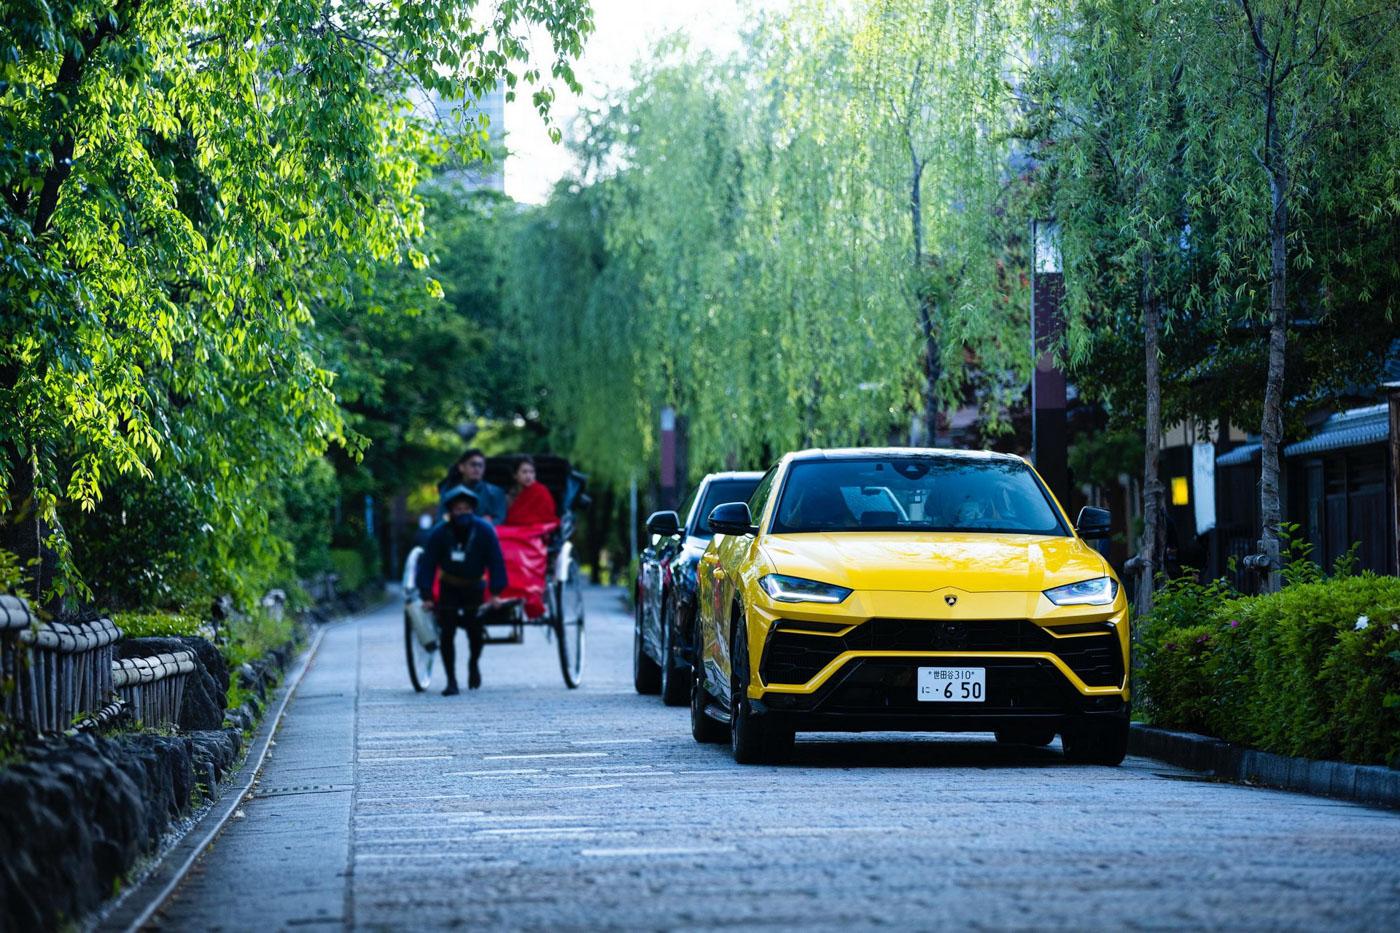 Bộ-đôi-Lamborghini-Urus-vượt-hơn-6.500-km-trong-hành-trình-xuyên-Nhật-Bản (33).jpg